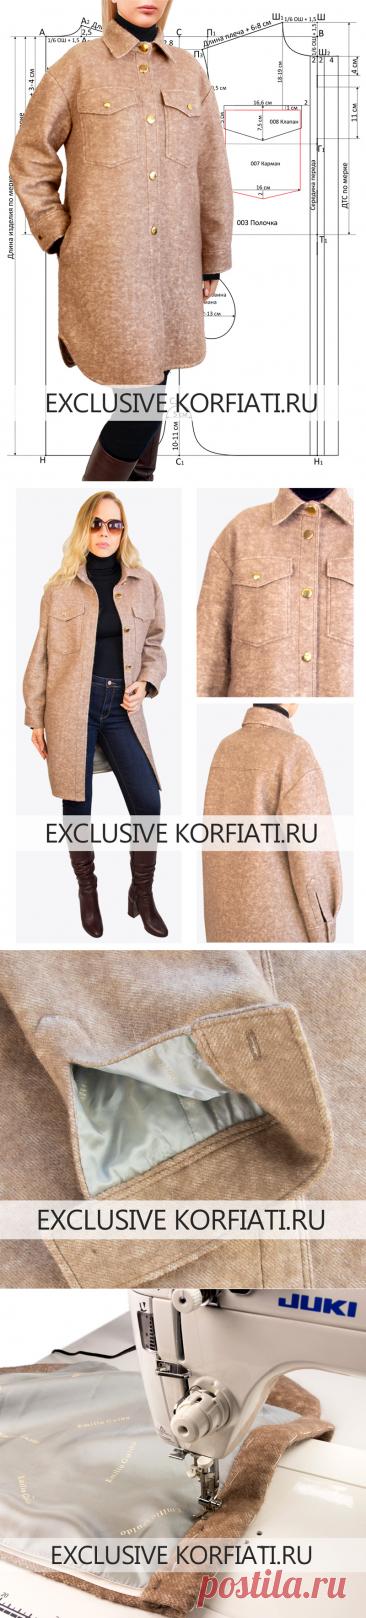 Выкройка пальто-рубашки от Анастасии Корфиати